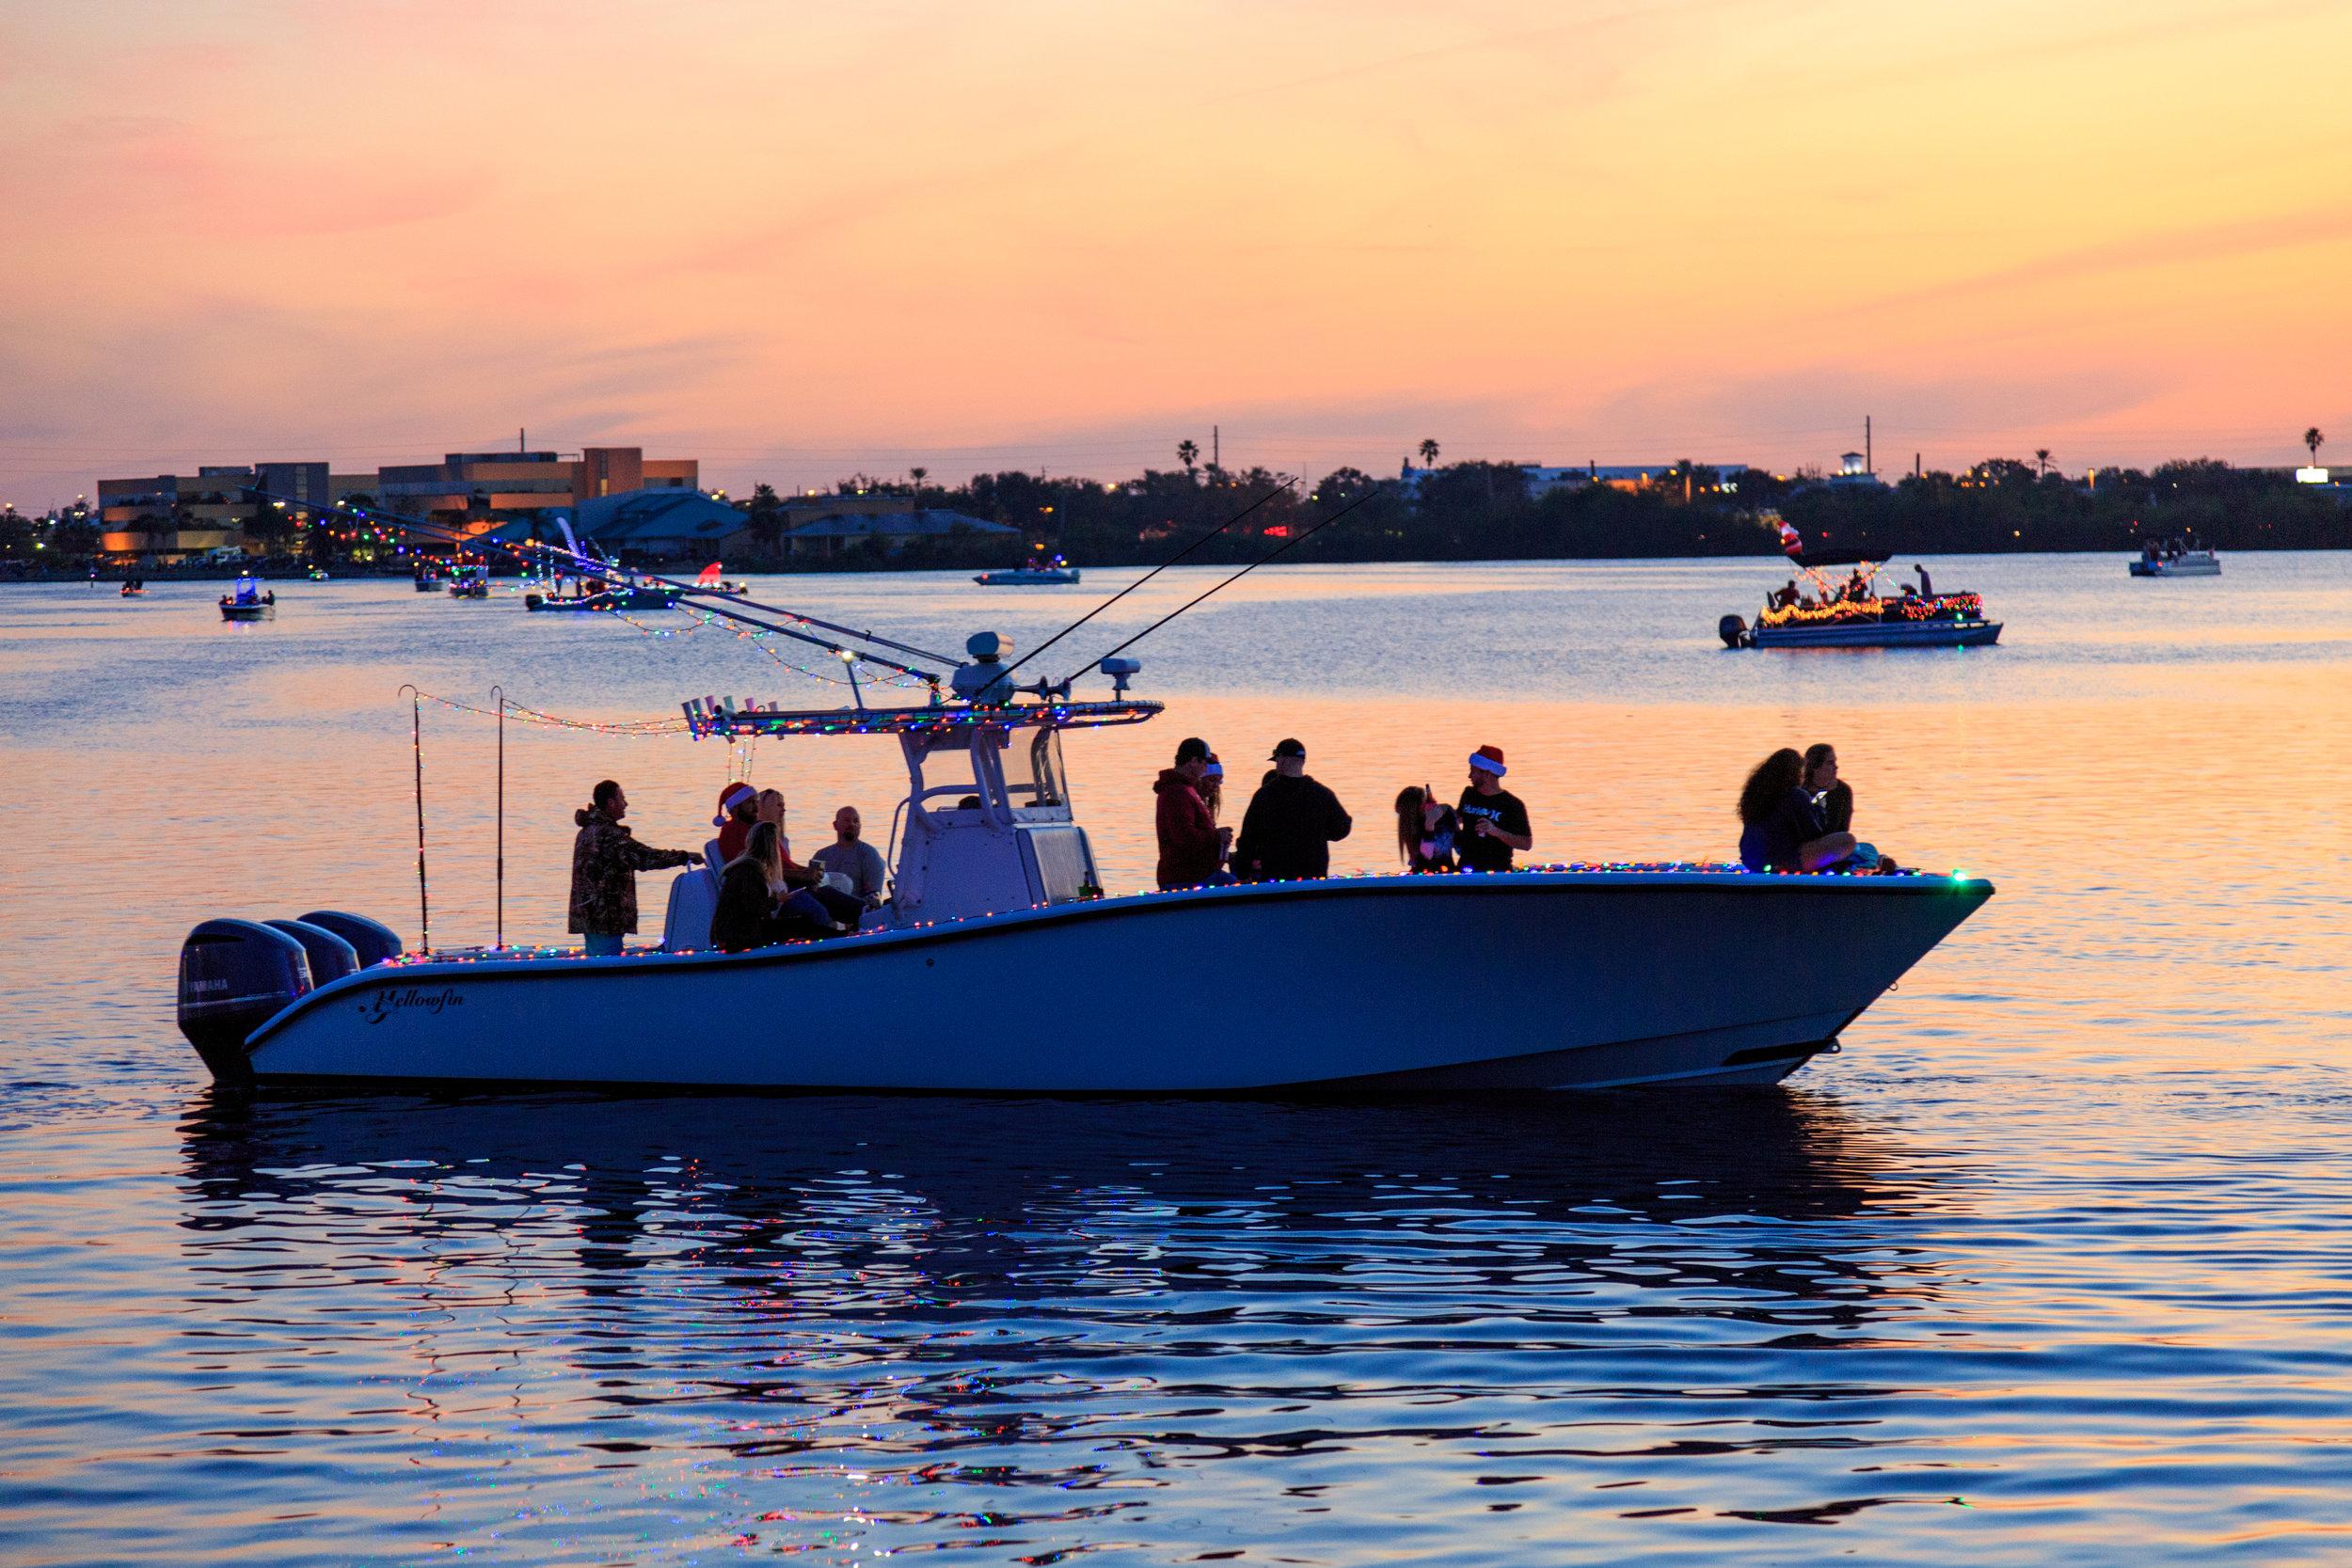 2017 Merritt Island Boat Parade!